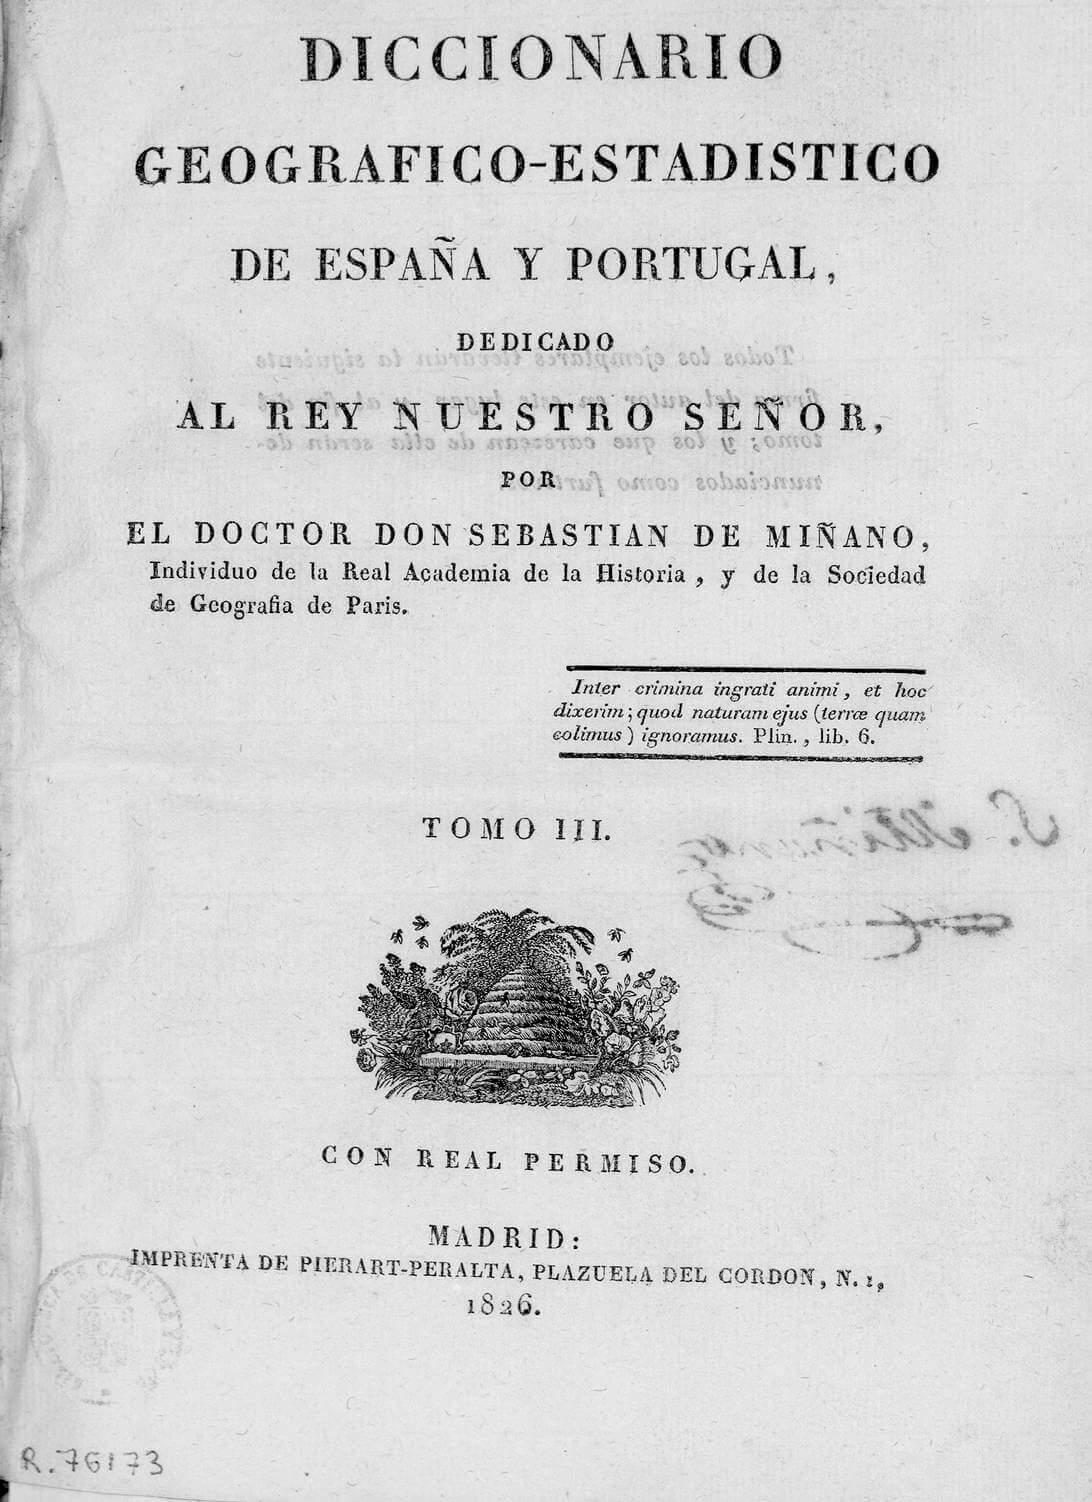 Diccionario geográfico histórico de España y Portugal. Madrid 1826